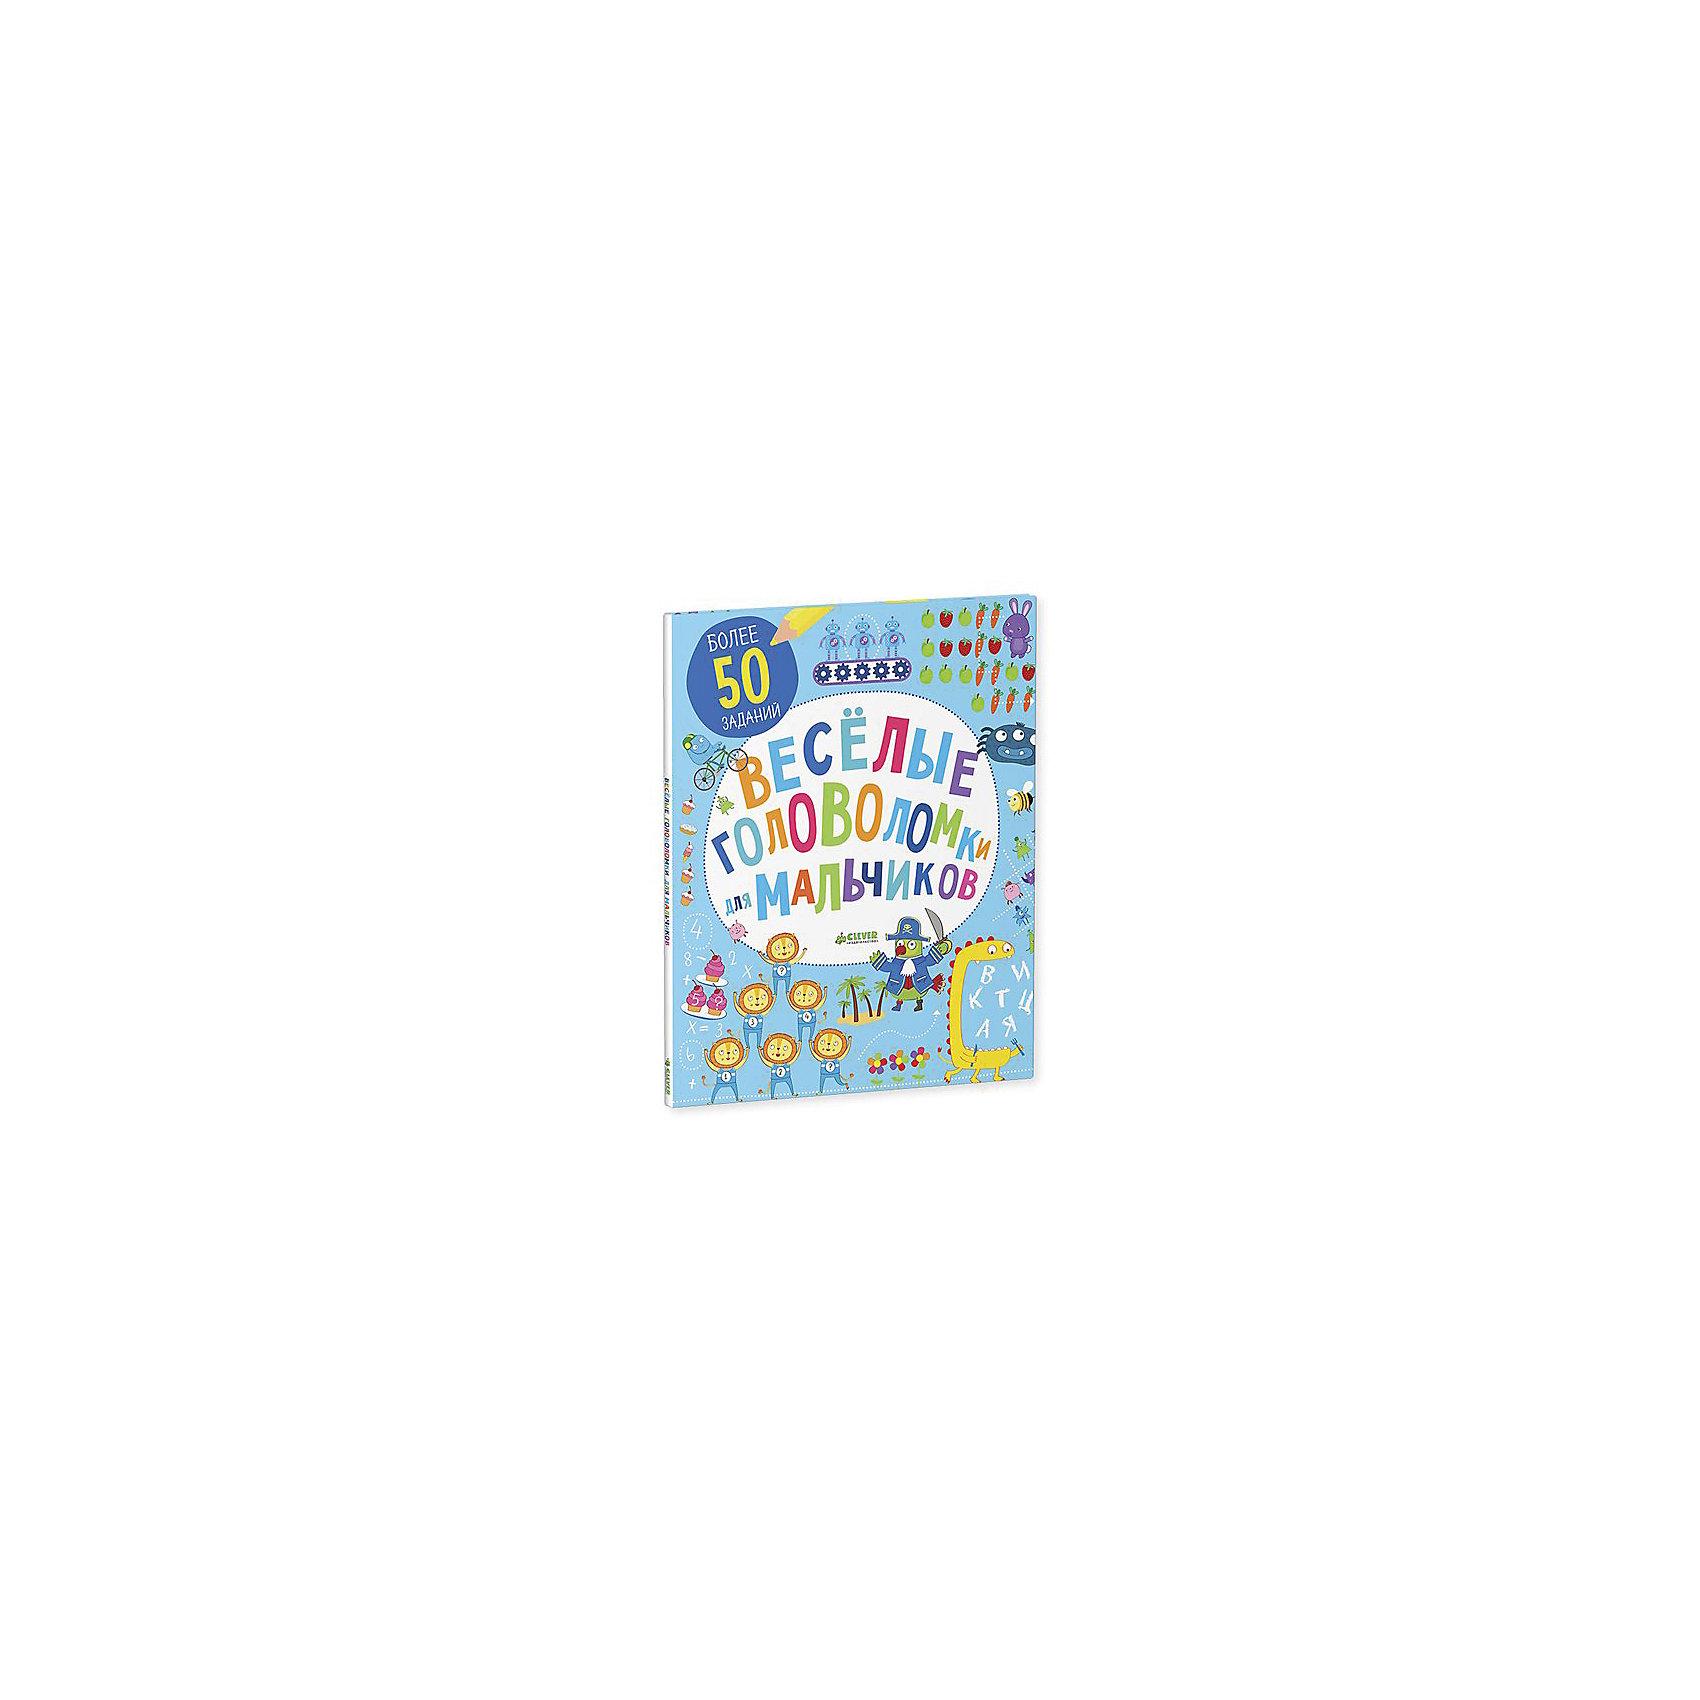 Веселые головоломки для мальчиковCLEVER (КЛЕВЕР)<br>Книга Веселые головоломки для мальчиков – это красочная книга, в которой более 50 занимательных заданий.<br>Скорее бери карандаш и приготовься решать головоломки! Увлекательные задания на логику и внимательность, интересные лабиринты, игры с числами и словами, задания на внимательность, лабиринты, находилки, бродилки и многое другое. Скучно не будет!<br><br>Дополнительная информация:<br><br>- Автор: Поттер Уильям<br>- Художники: Твоми Эмили, Вуд Стив, Аниель Изабель<br>- Переводчик: Покидаева Татьяна<br>- Редактор: Измайлова Елена<br>- Издательство: Клевер Медиа Групп, 2016 г.<br>- Серия: Рисуем и играем<br>- Тип обложки: мягкая<br>- Иллюстрации: цветные<br>- Количество страниц: 64<br>- Размер: 270x215x8 мм.<br>- Вес: 228 гр.<br><br>Книгу Веселые головоломки для мальчиков можно купить в нашем интернет-магазине.<br><br>Ширина мм: 270<br>Глубина мм: 215<br>Высота мм: 8<br>Вес г: 228<br>Возраст от месяцев: 84<br>Возраст до месяцев: 132<br>Пол: Мужской<br>Возраст: Детский<br>SKU: 4621986